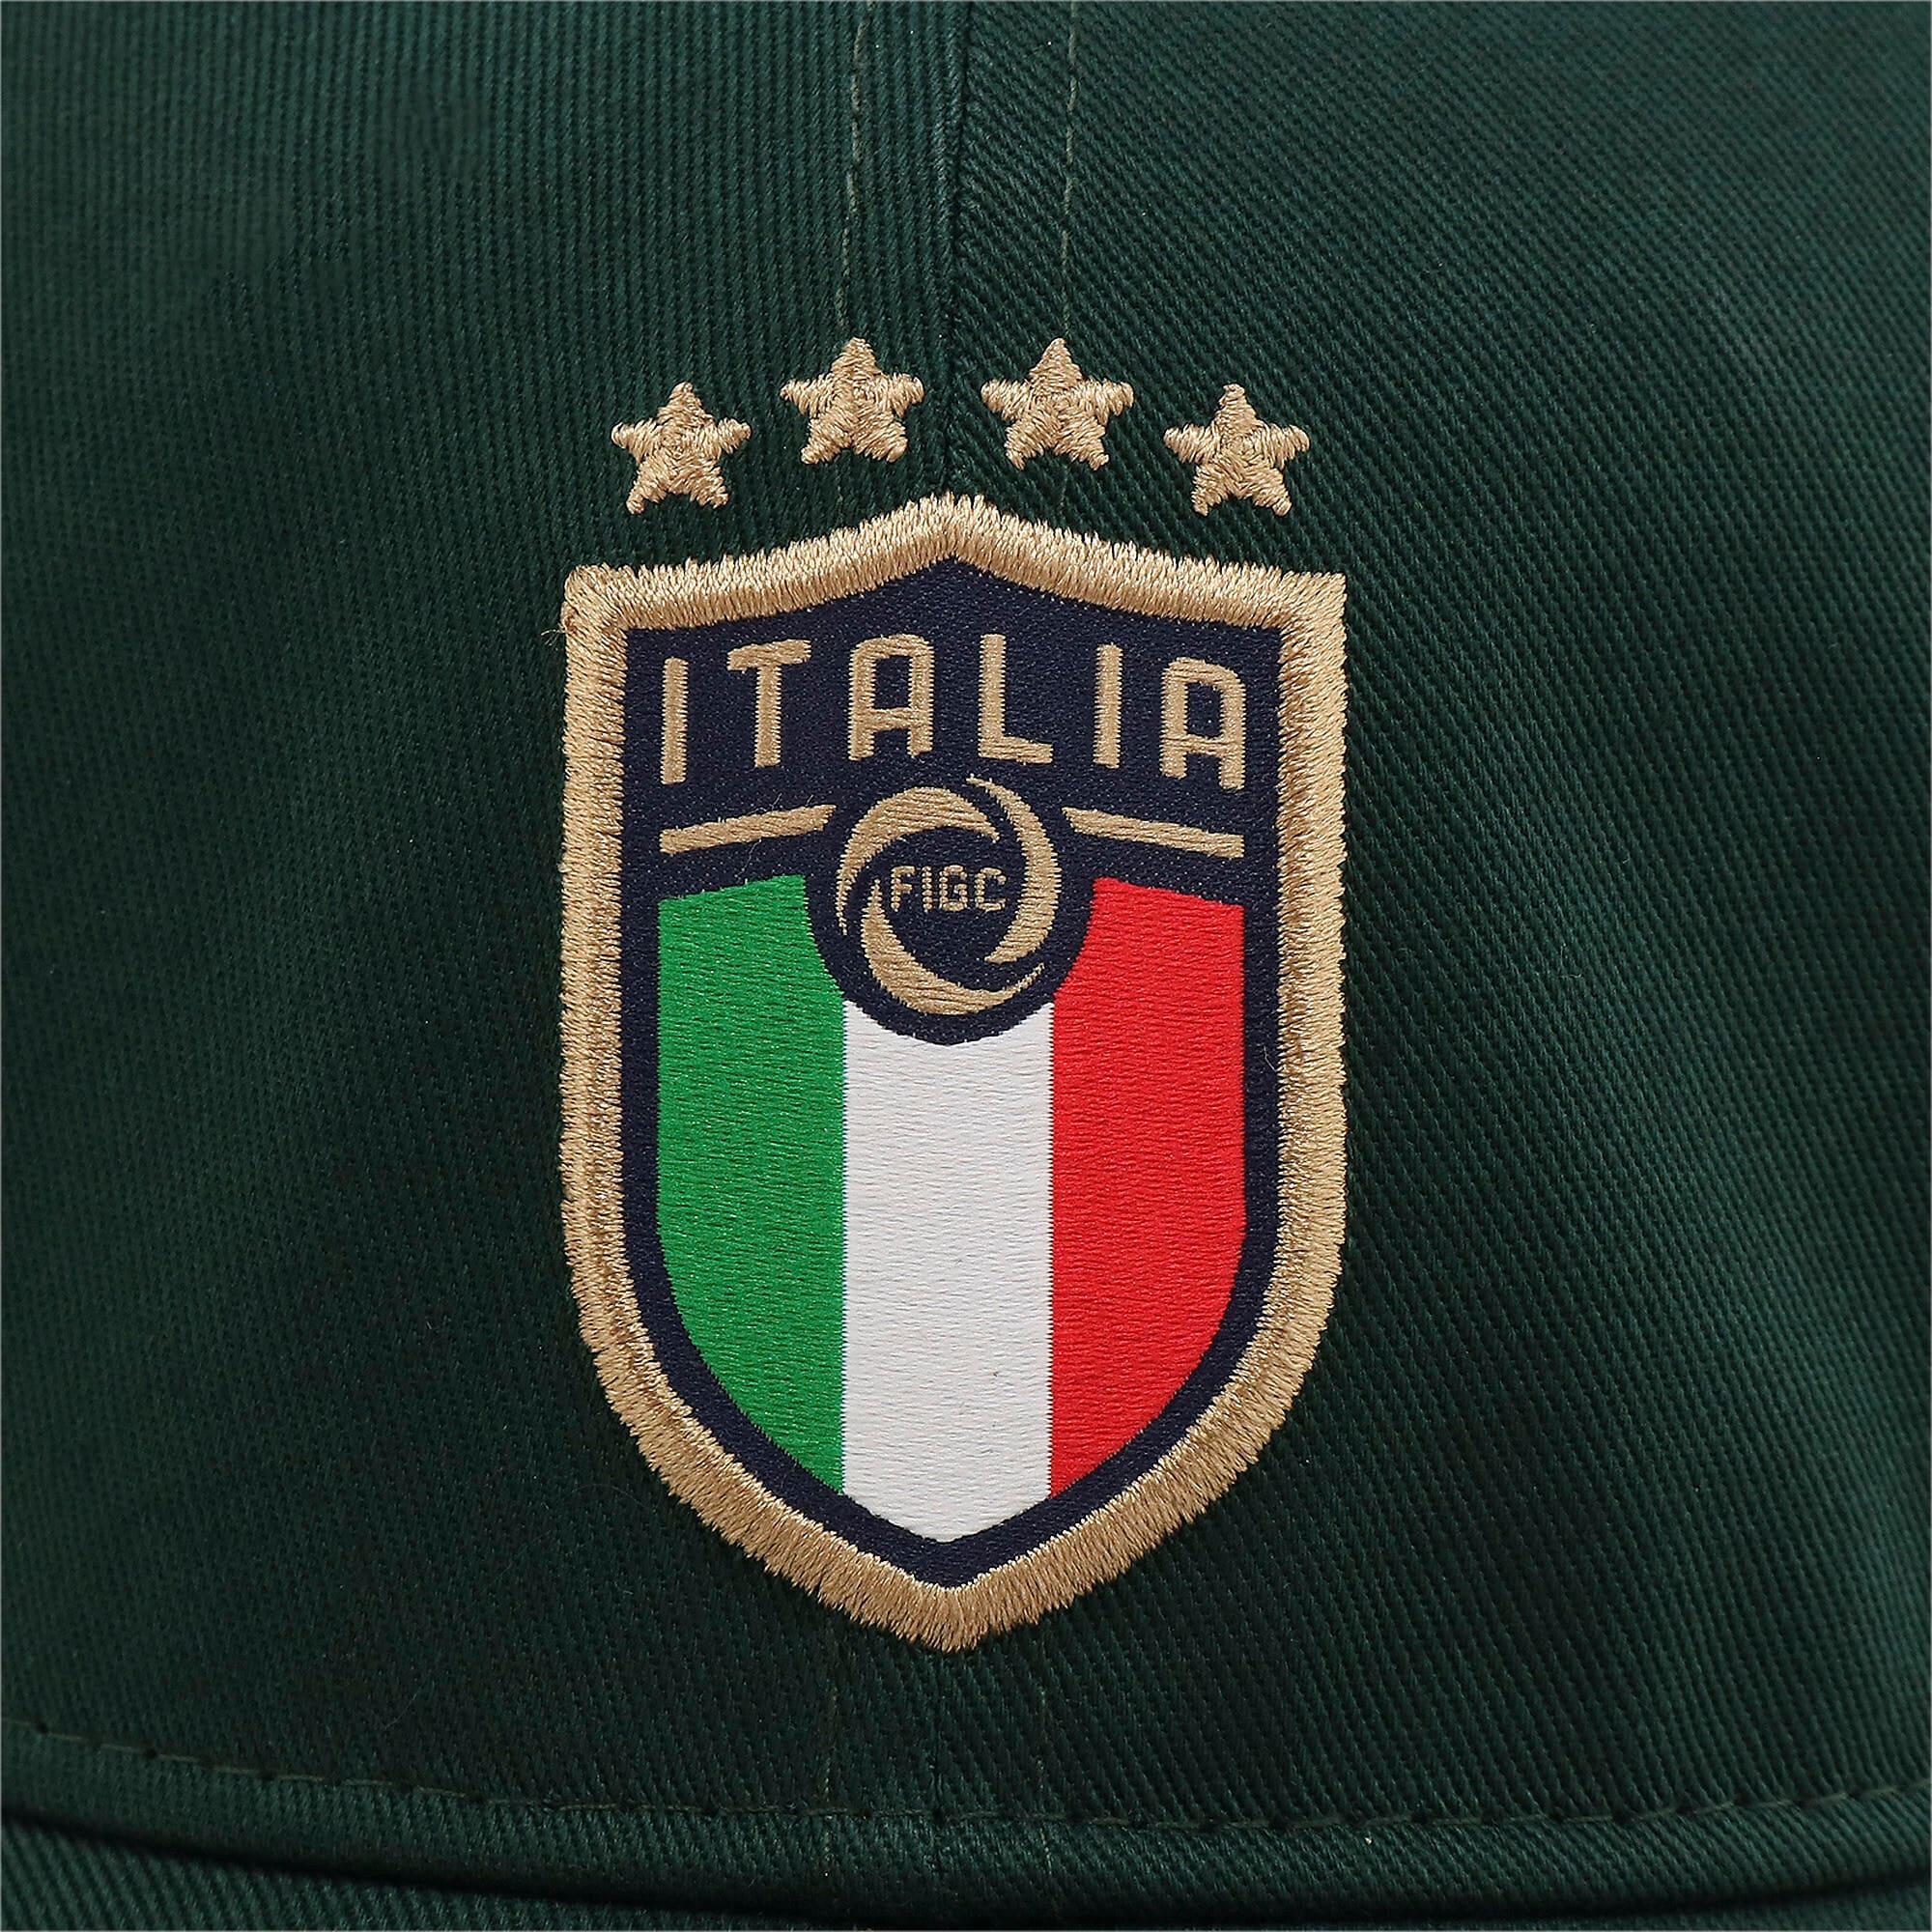 Thumbnail 4 of FIGC イタリア チーム キャップ, Ponderosa Pine-Peacoat, medium-JPN